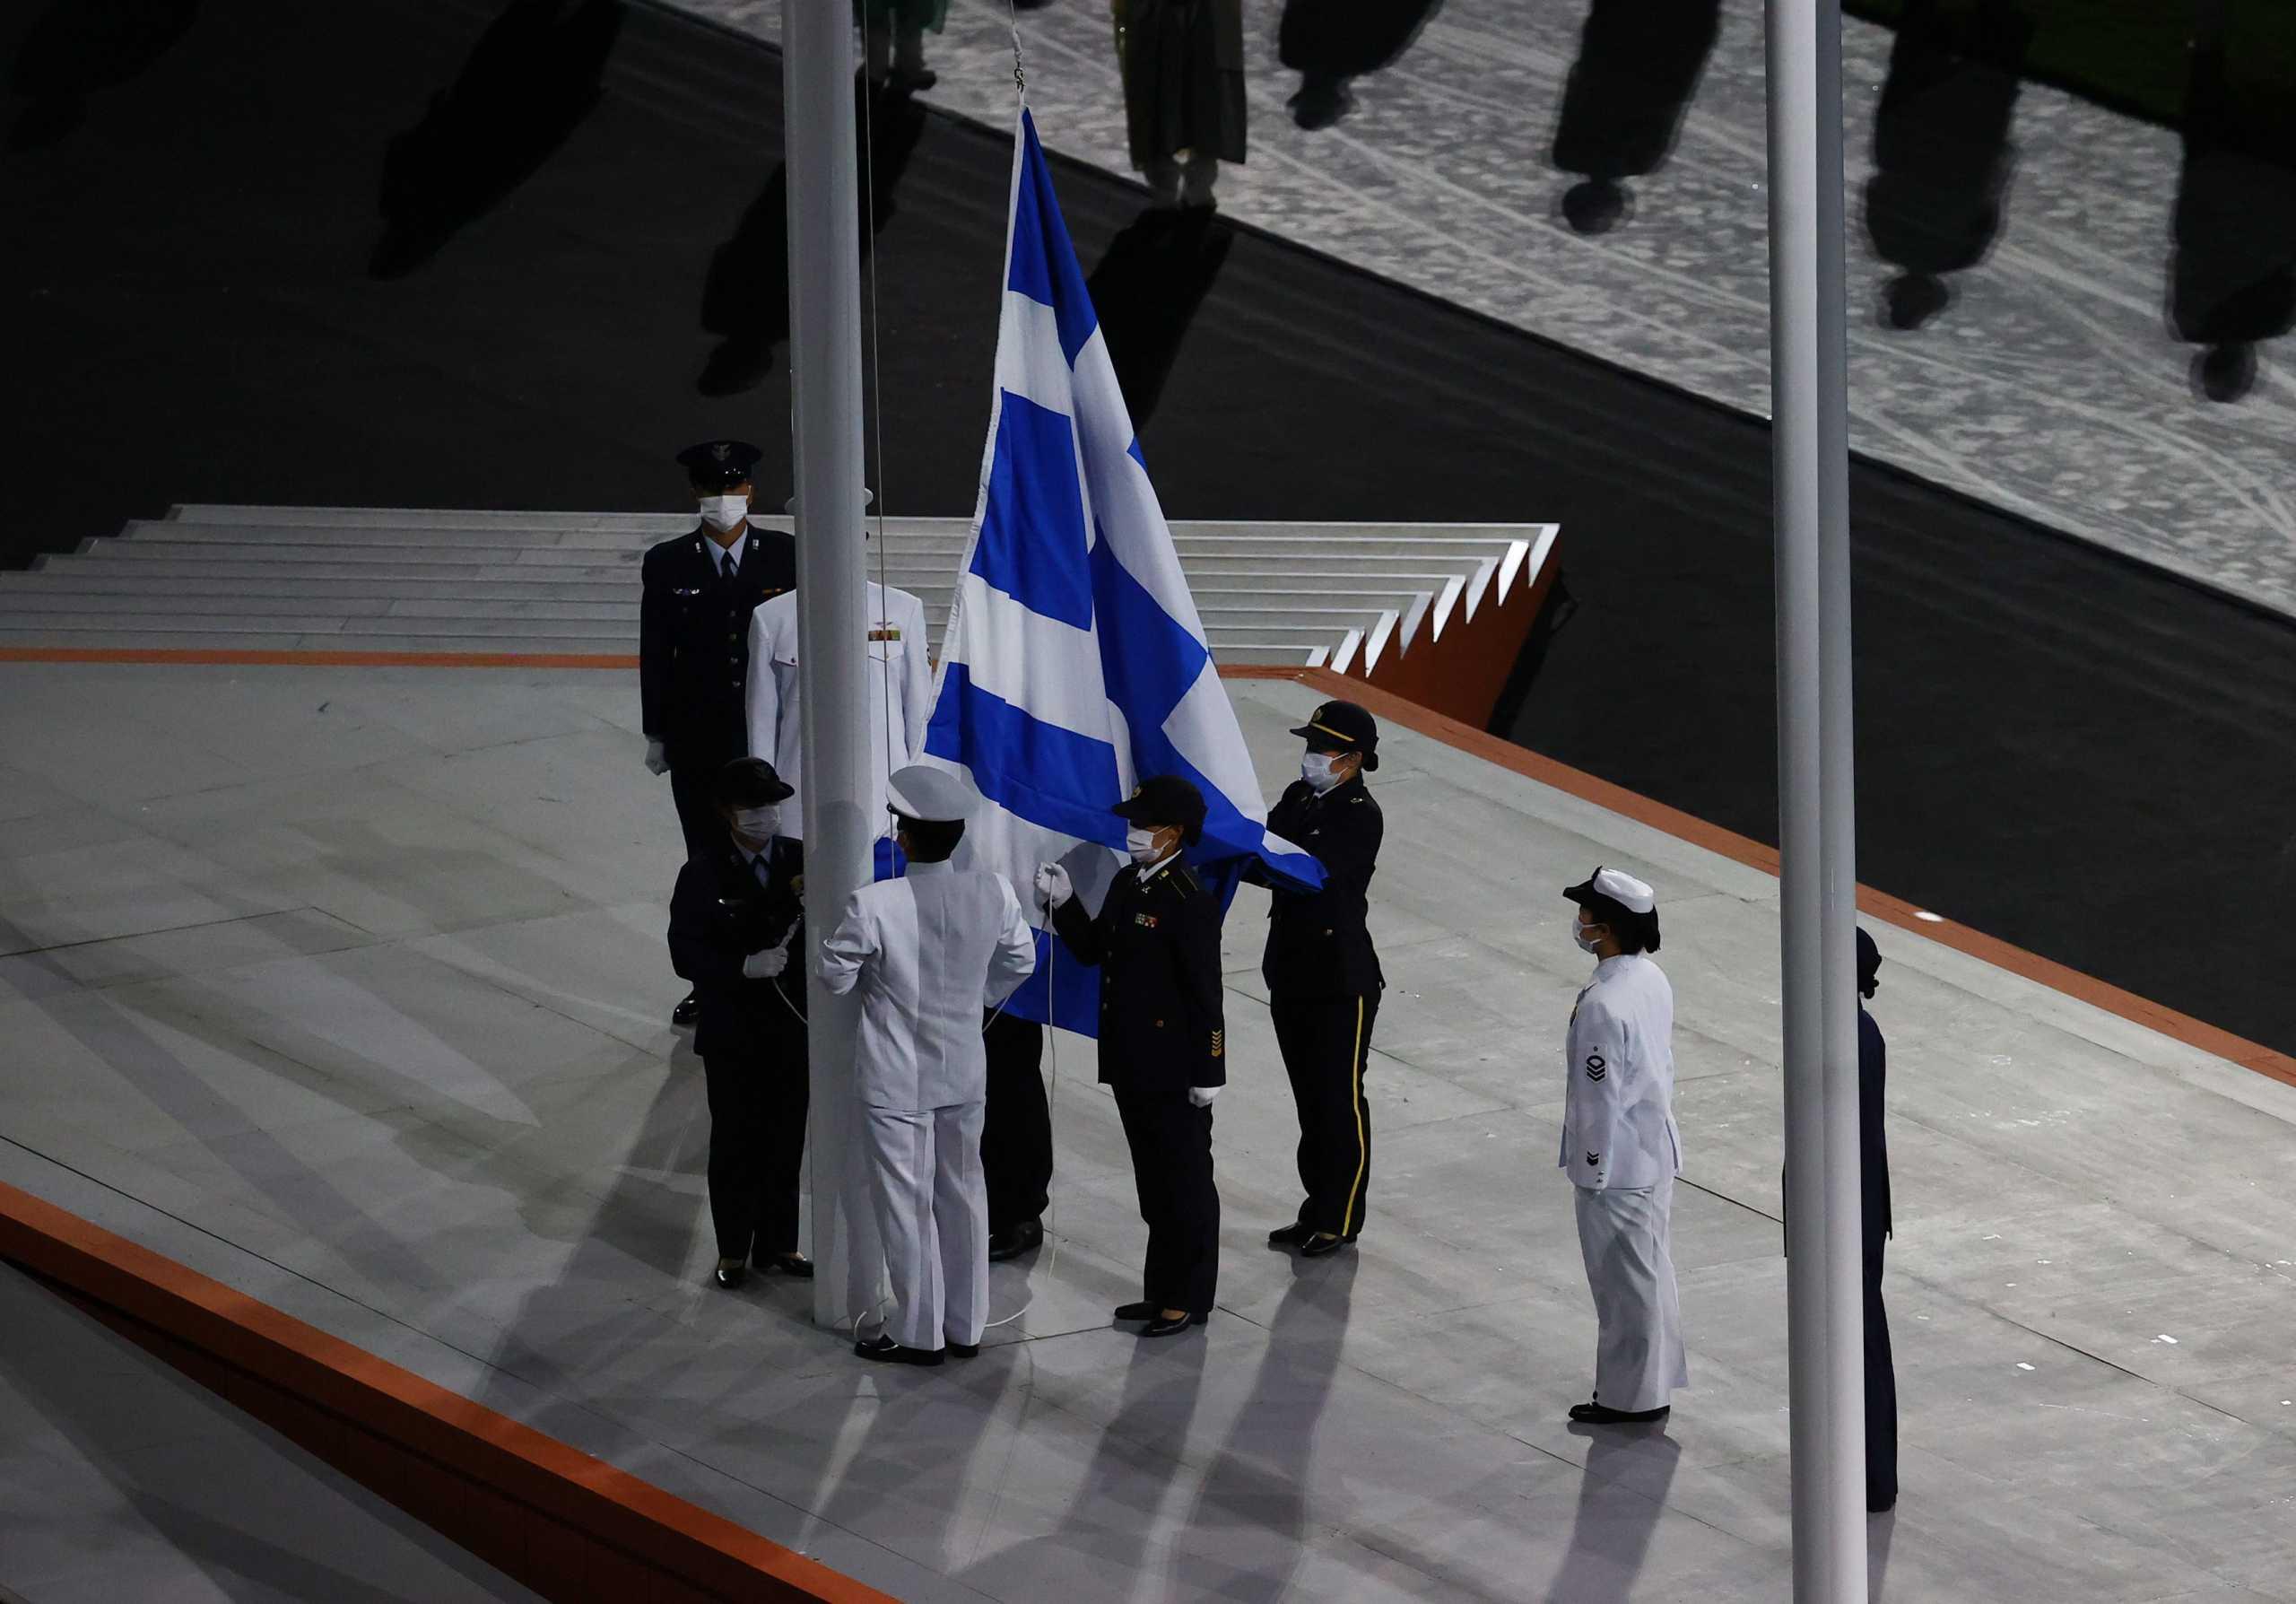 Ολυμπιακοί Αγώνες: Η έπαρση της ελληνικής σημαίας στην Τελετή Λήξης στο Τόκιο